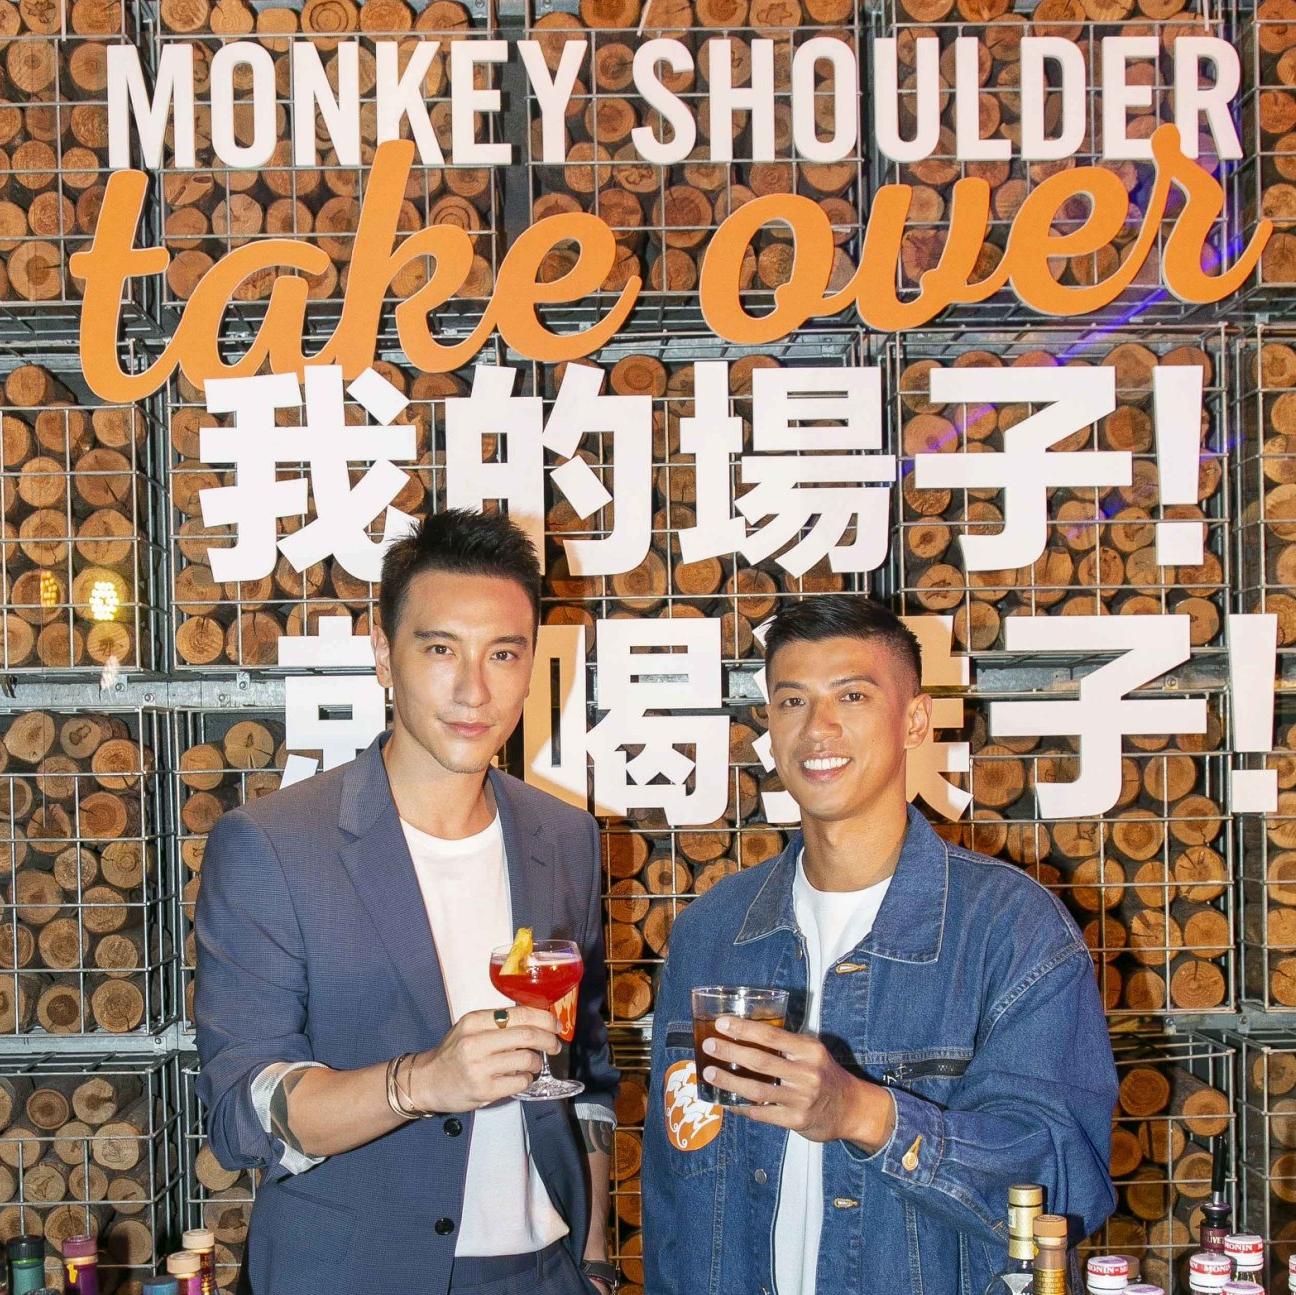 玩樂大使王陽明、王信凱聯手出動!三隻猴子三重麥芽威士忌「Monkey Shoulder Take Over 我的場子!就喝猴子!」北中南活動開跑